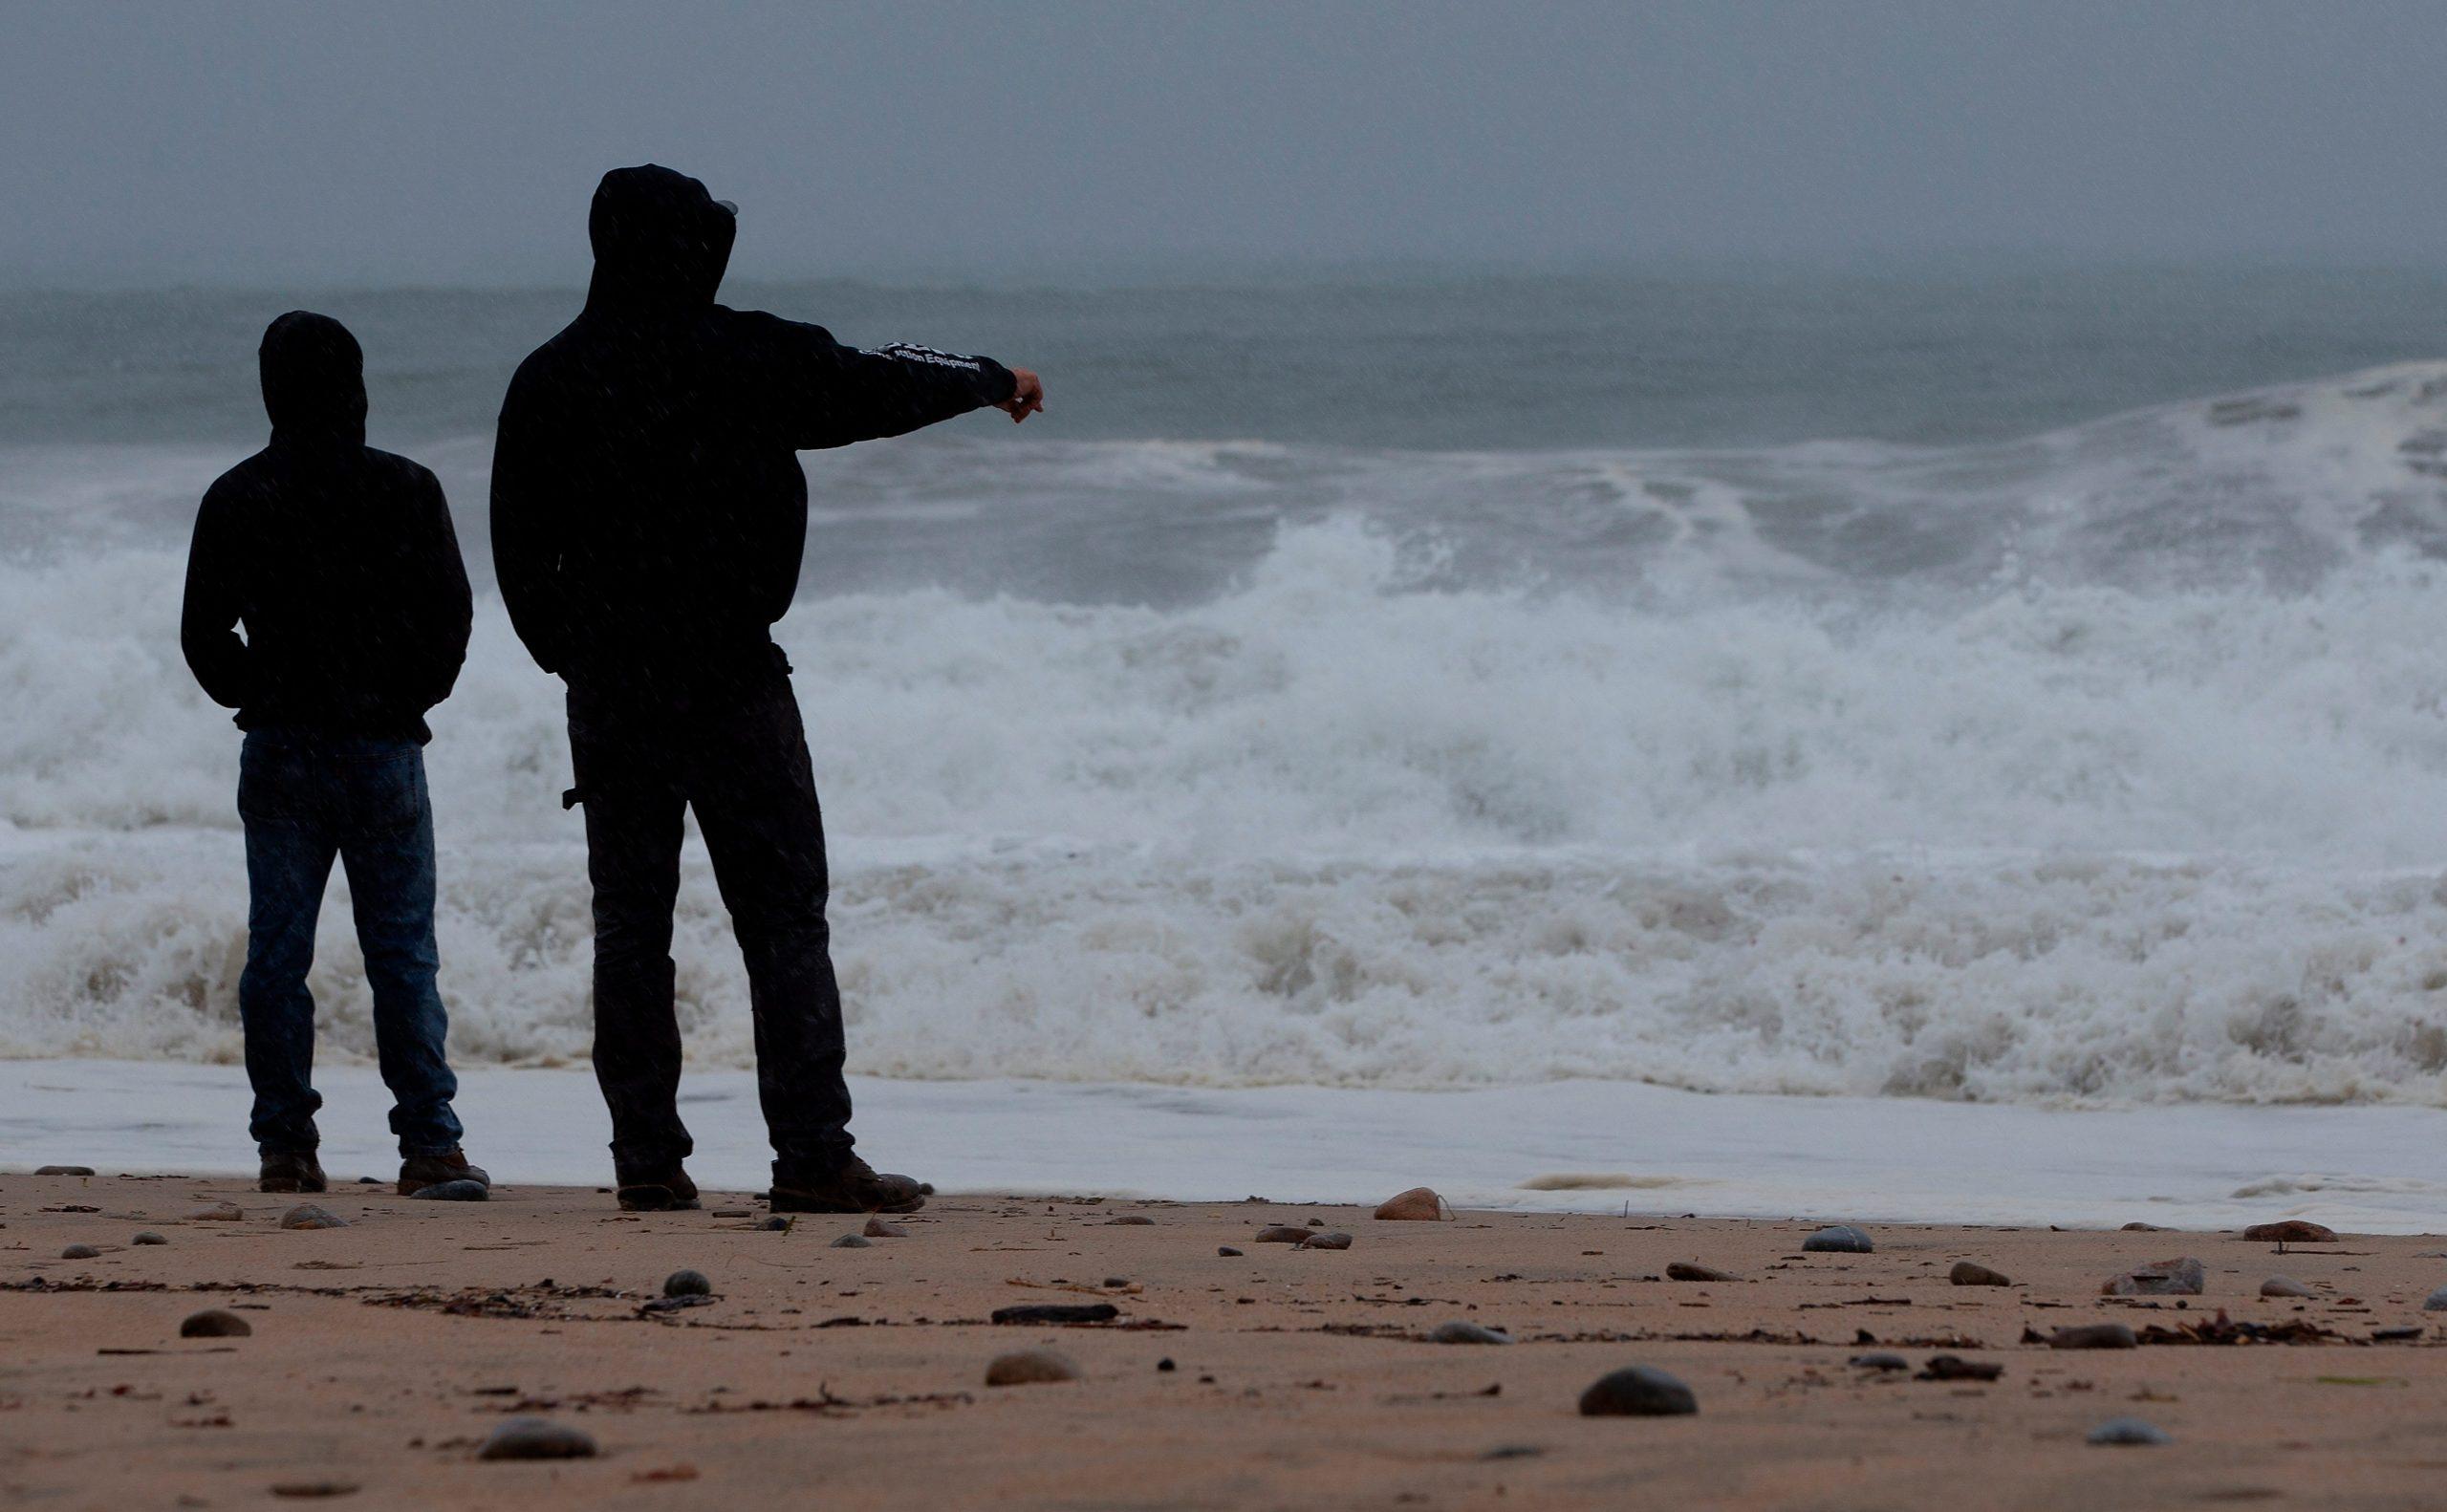 Henri, convertido en tormenta tropical, se encuentra cerca de la costa noreste de Estados Unidos - Prensa Libre